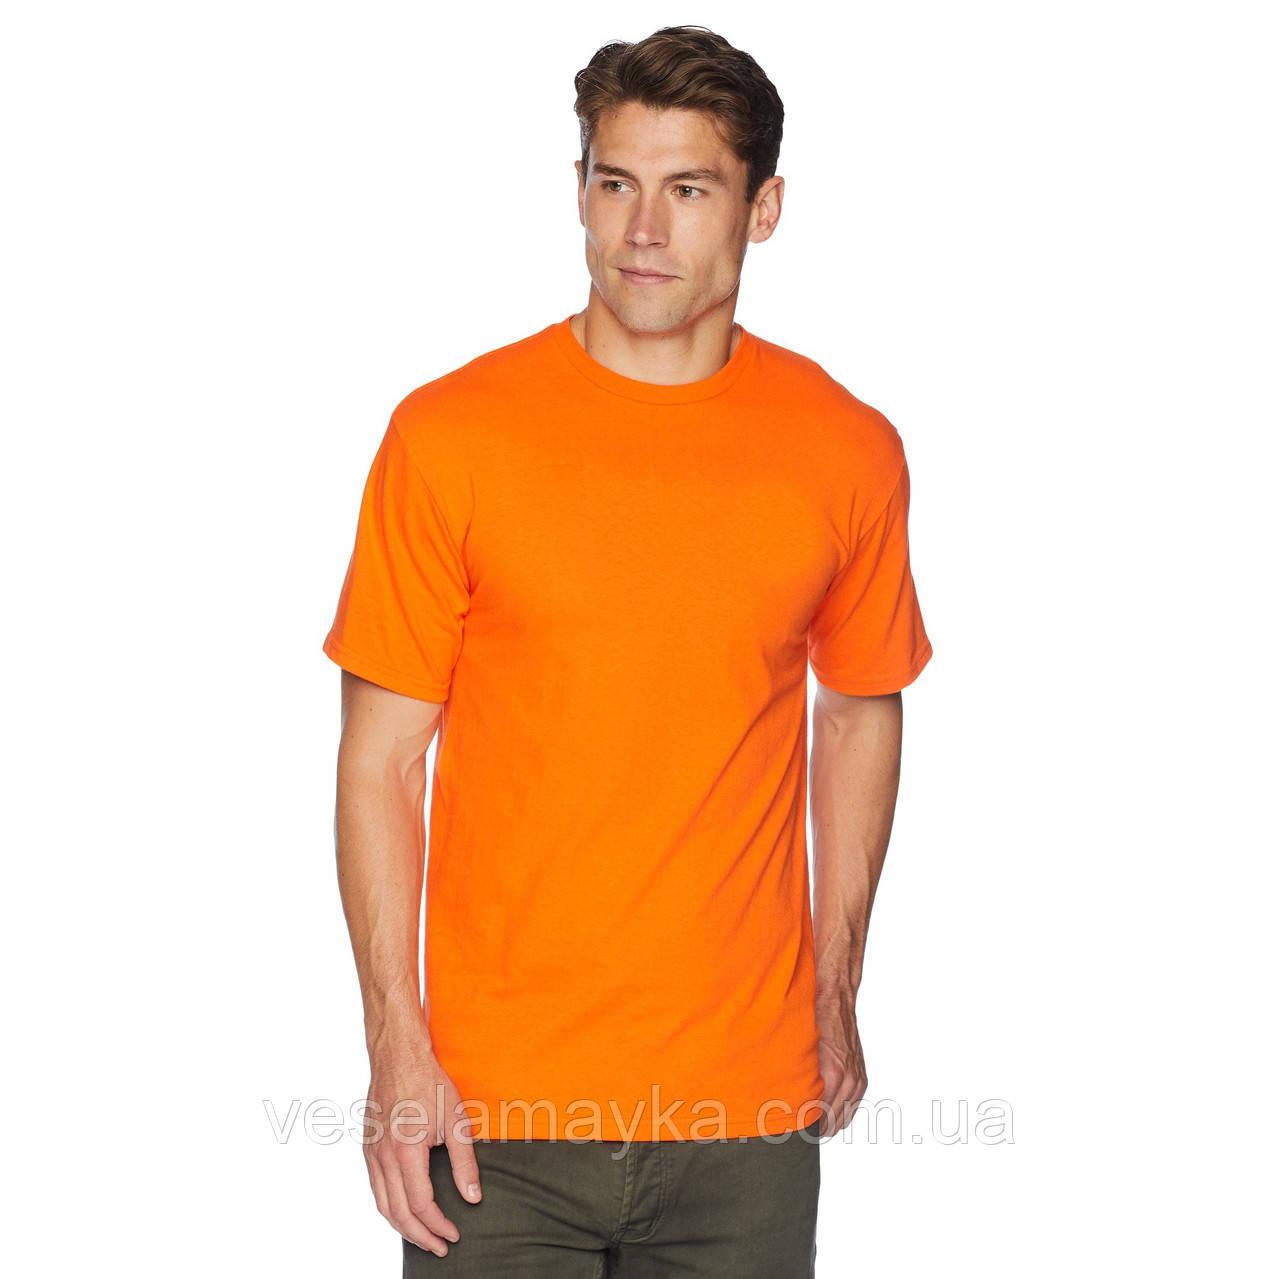 Уплотненная оранжевая мужская футболка (Премиум)